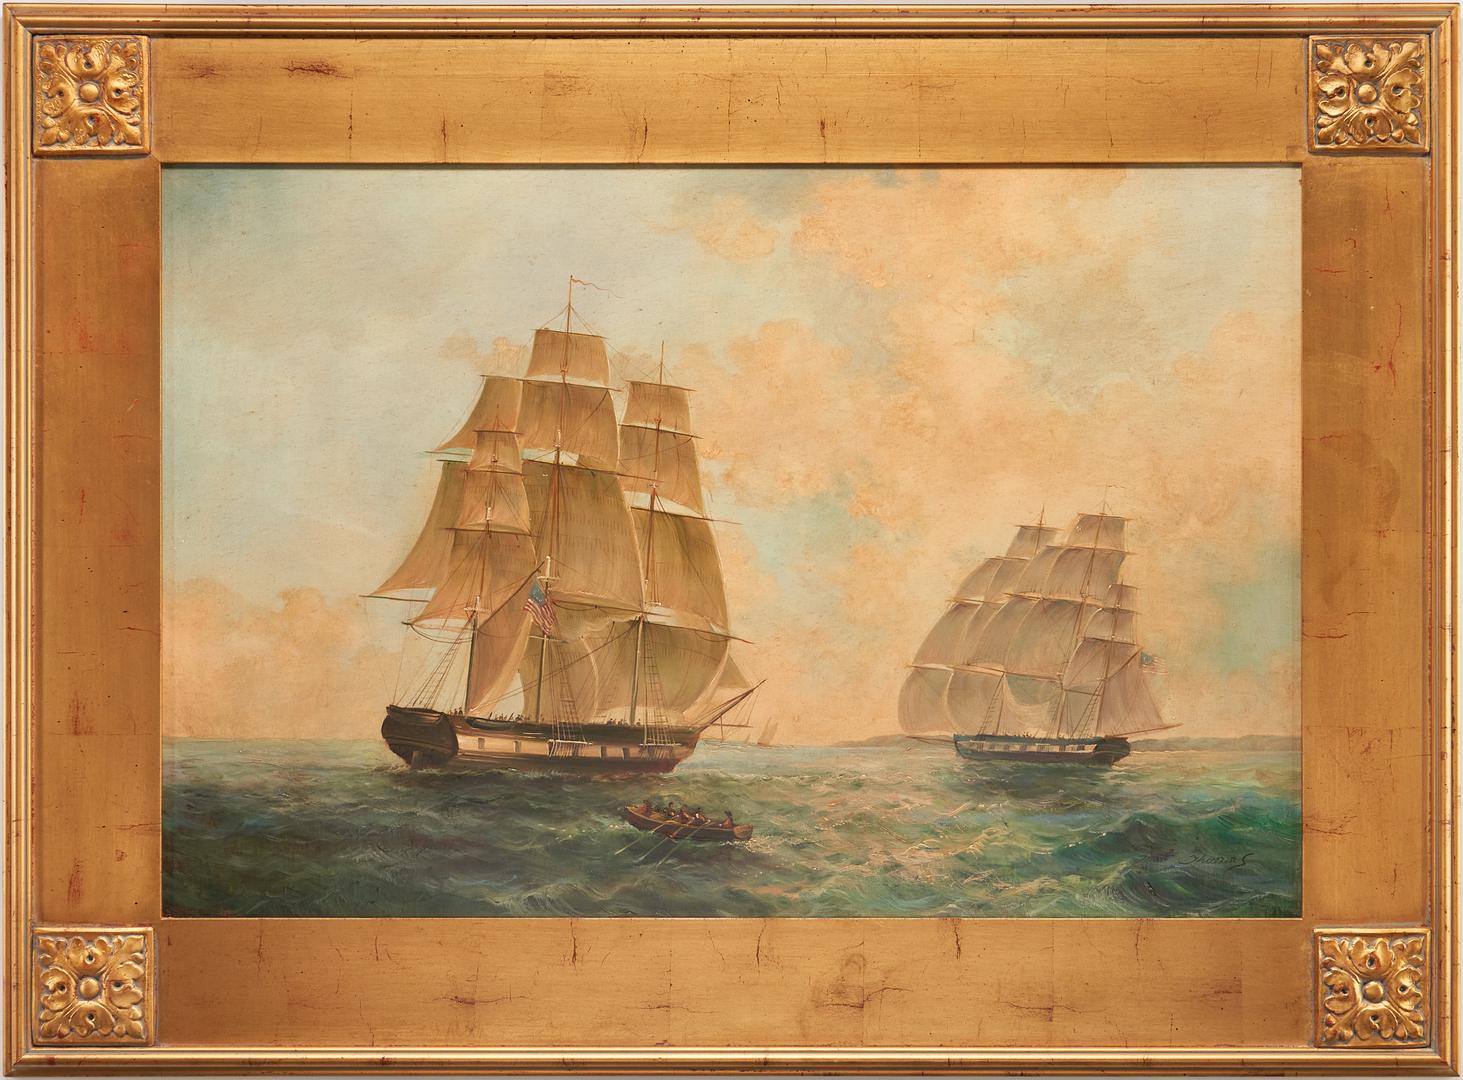 Lot 1146: Matt Thomas O/C Marine Painting, 2 American Colonial Ships